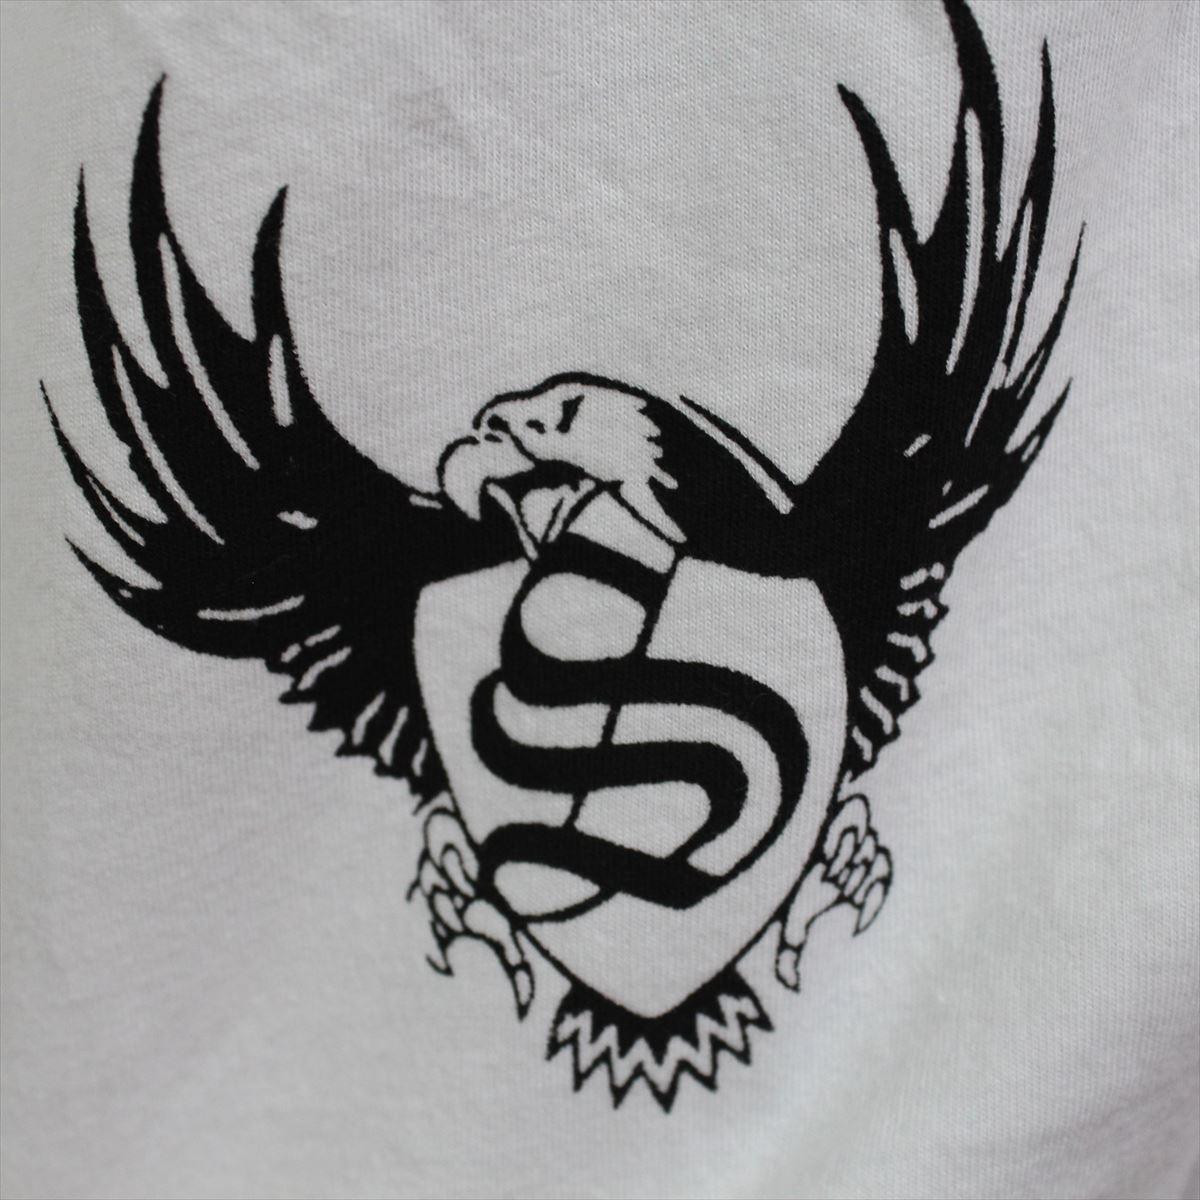 スメット SMET メンズ半袖Tシャツ ホワイト Mサイズ NO4 新品_画像4